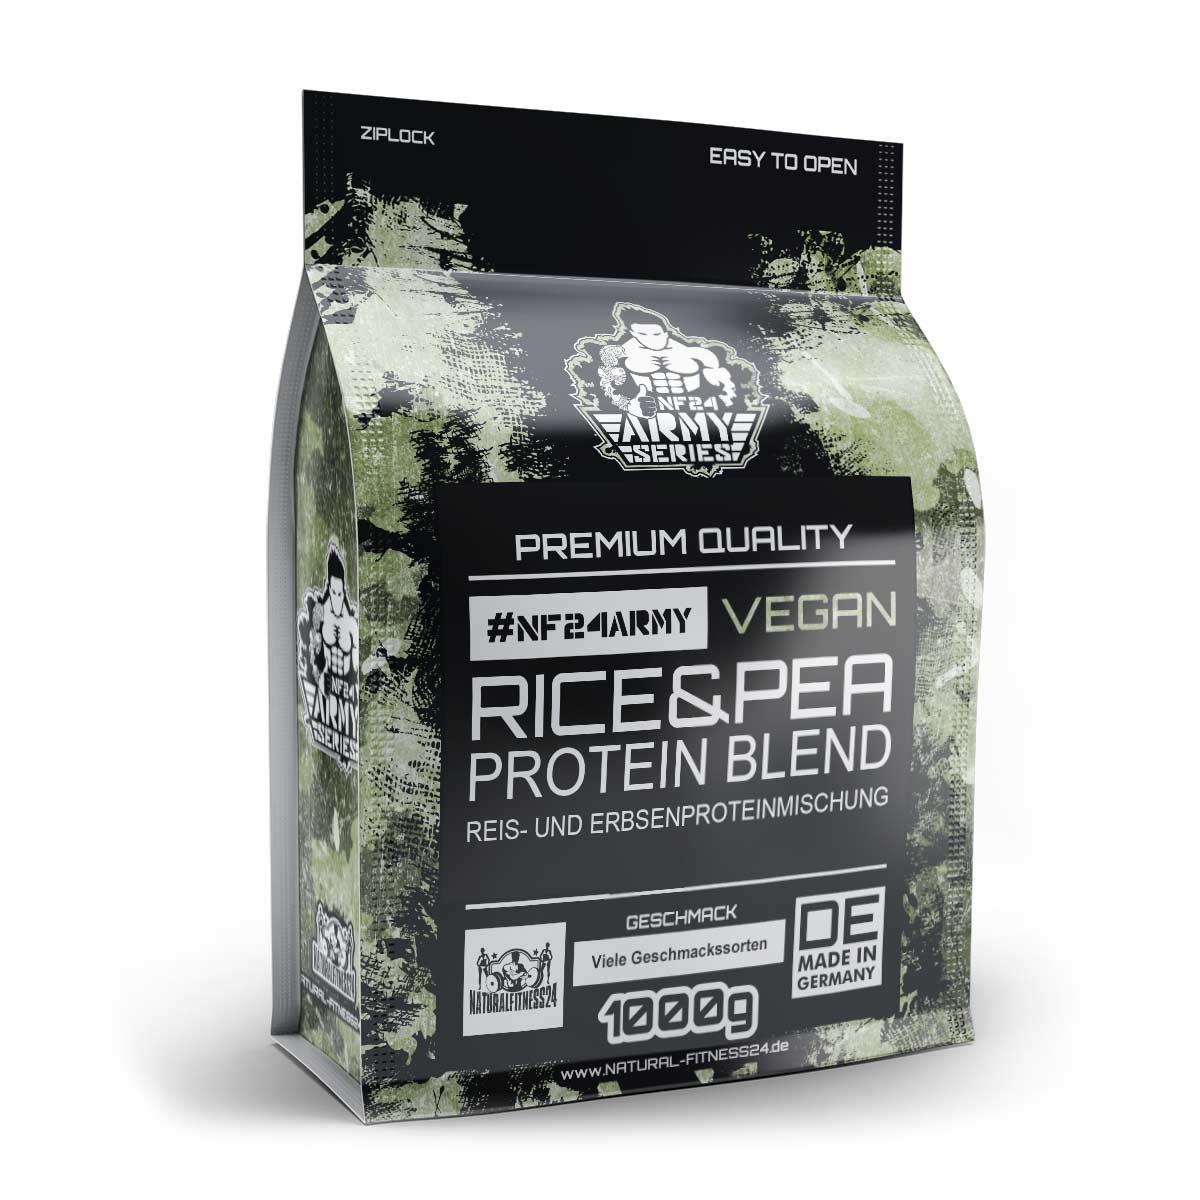 Veganes-Proteinpulver-Erbsen-Reisproteinmischung3mujQElWwMK2m